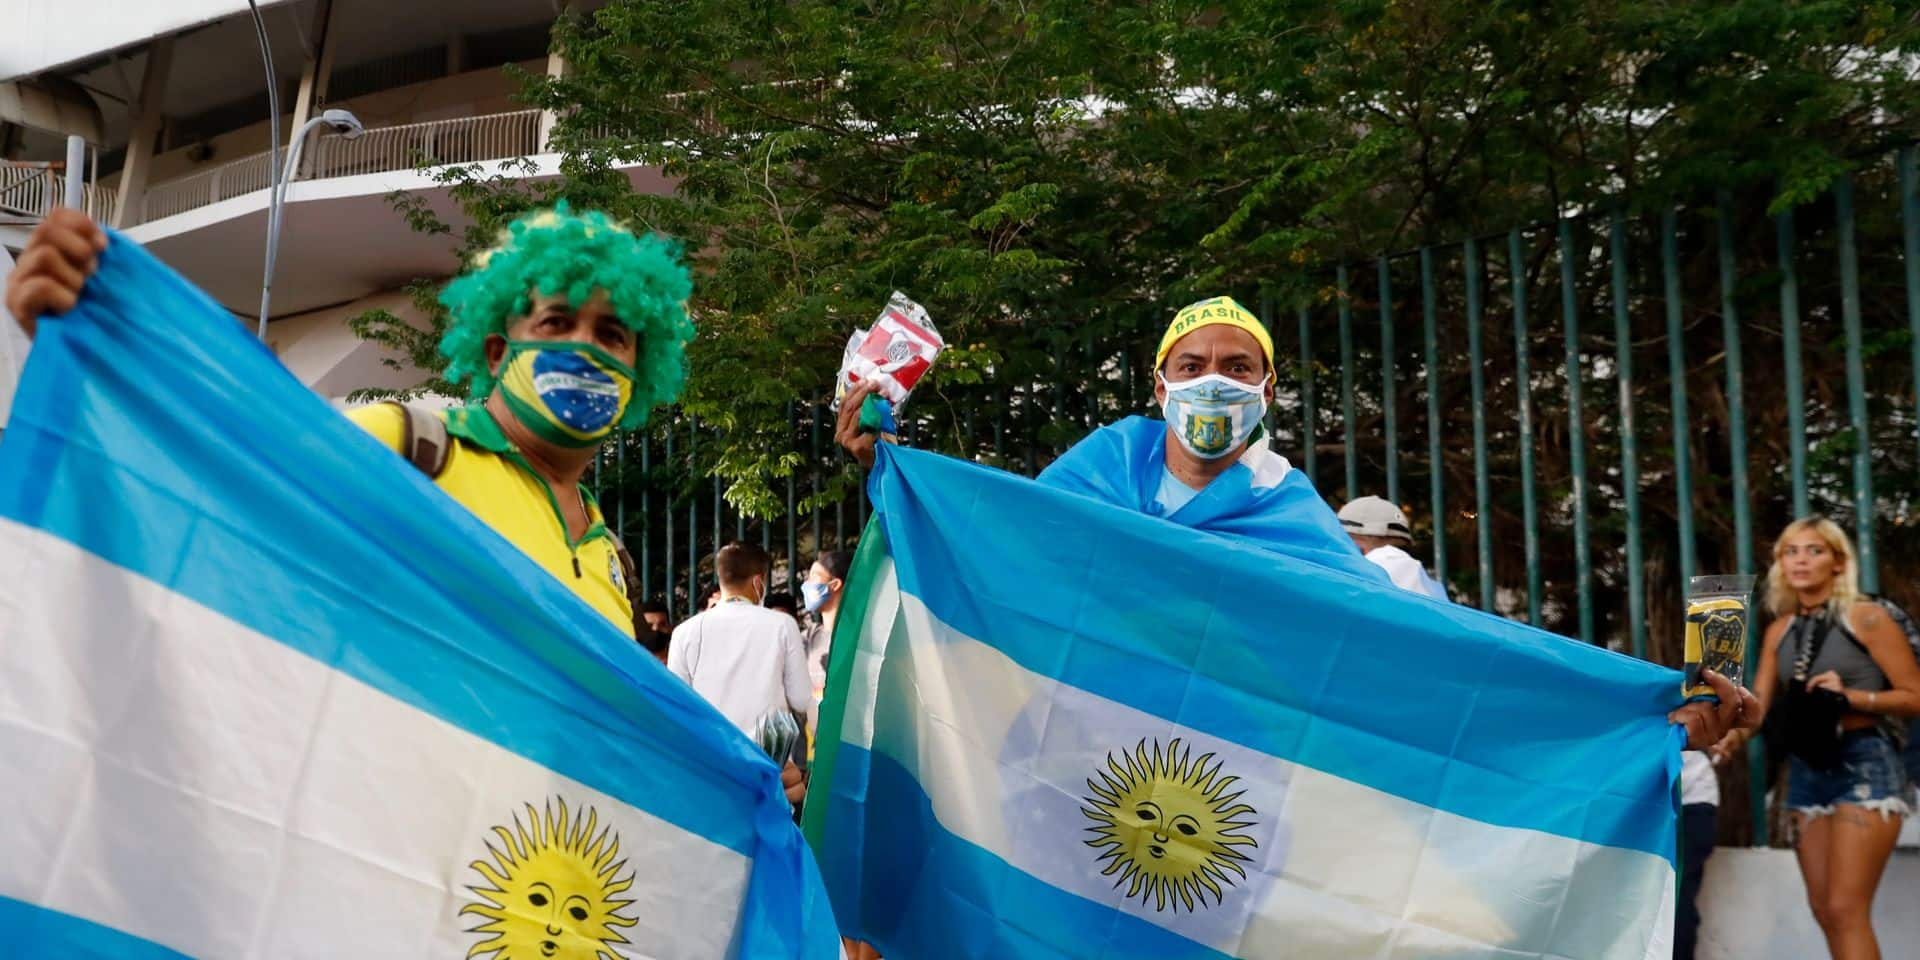 Copa America: de nombreux faux tests PCR détectés chez les supporters pour la finale